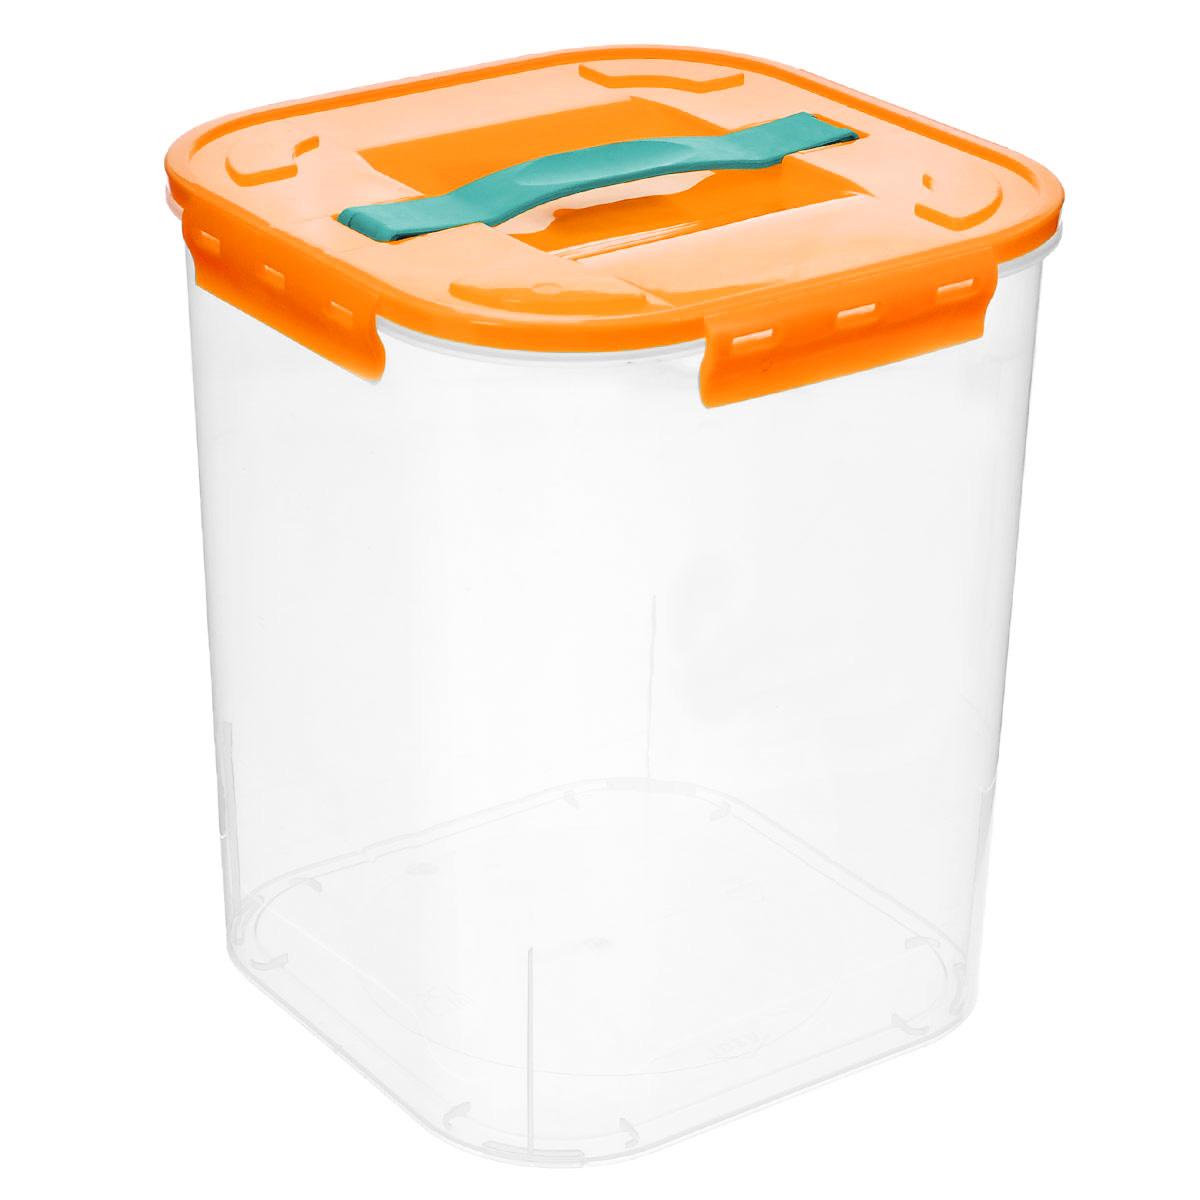 Контейнер для хранения Idea, цвет: оранжевый, прозрачный, 10 л контейнер для хранения idea океаник цвет голубой 20 л